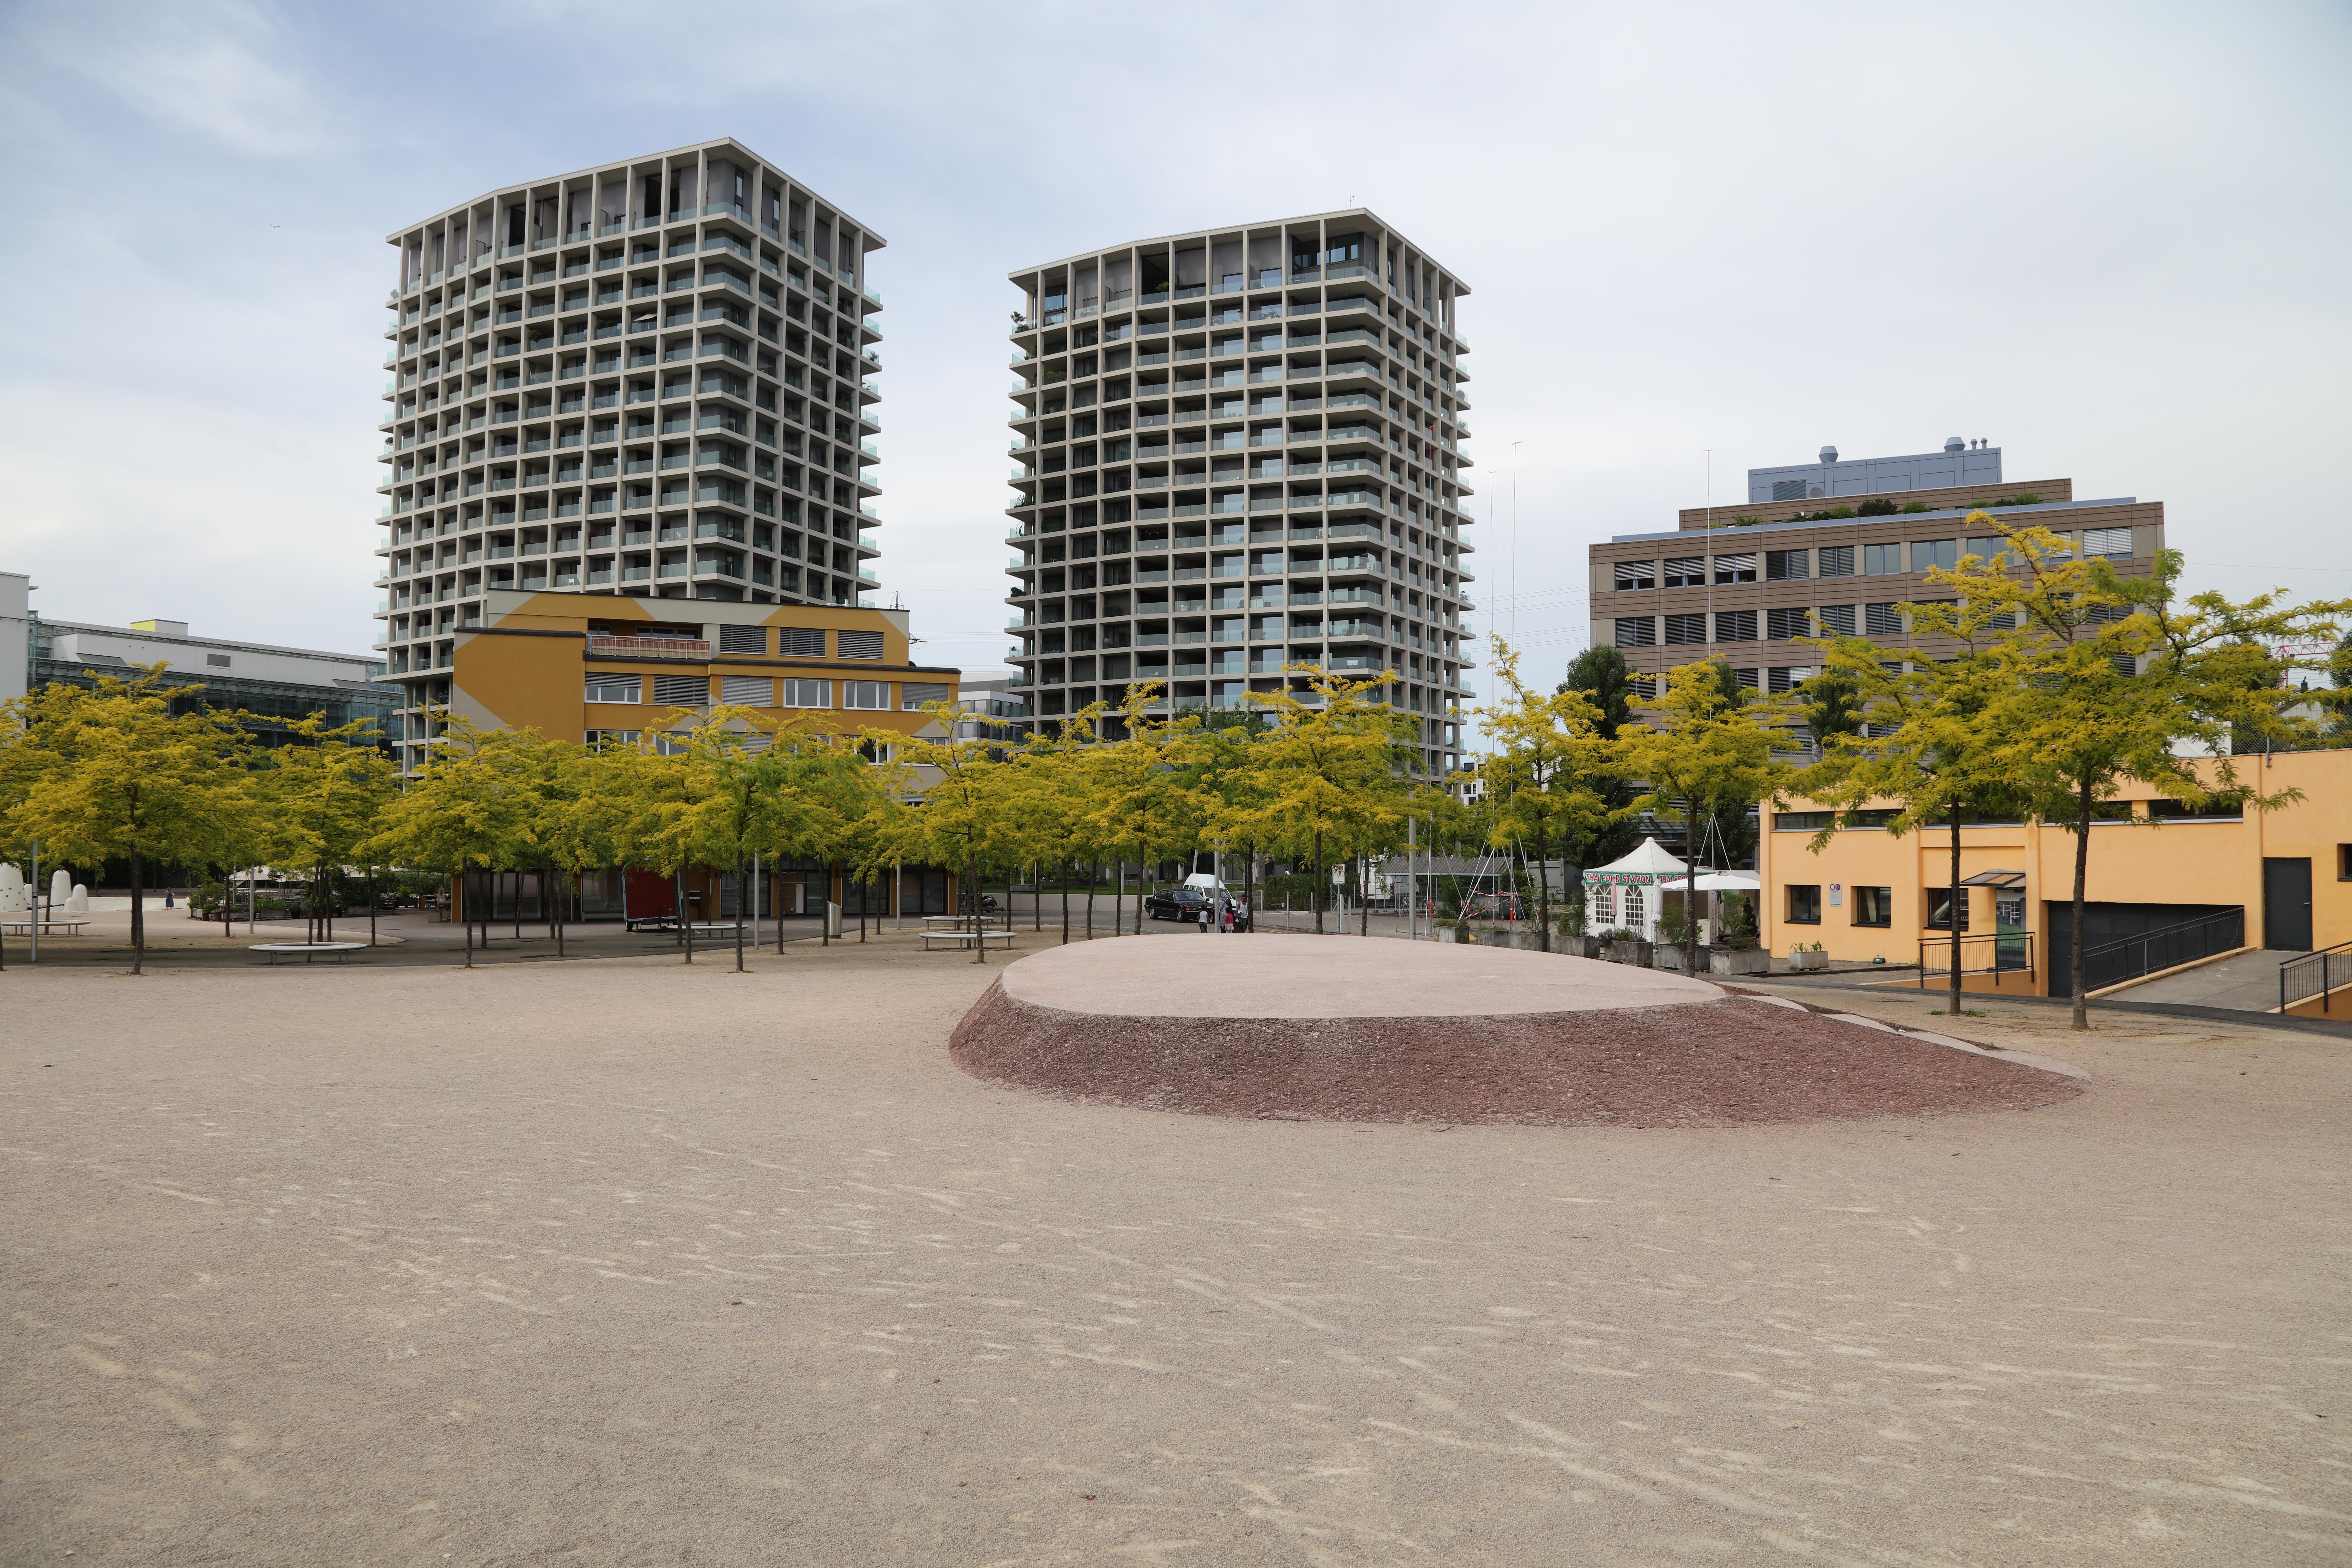 Zürich-Oerlikon Leutschenpark 1K4A3238.jpg